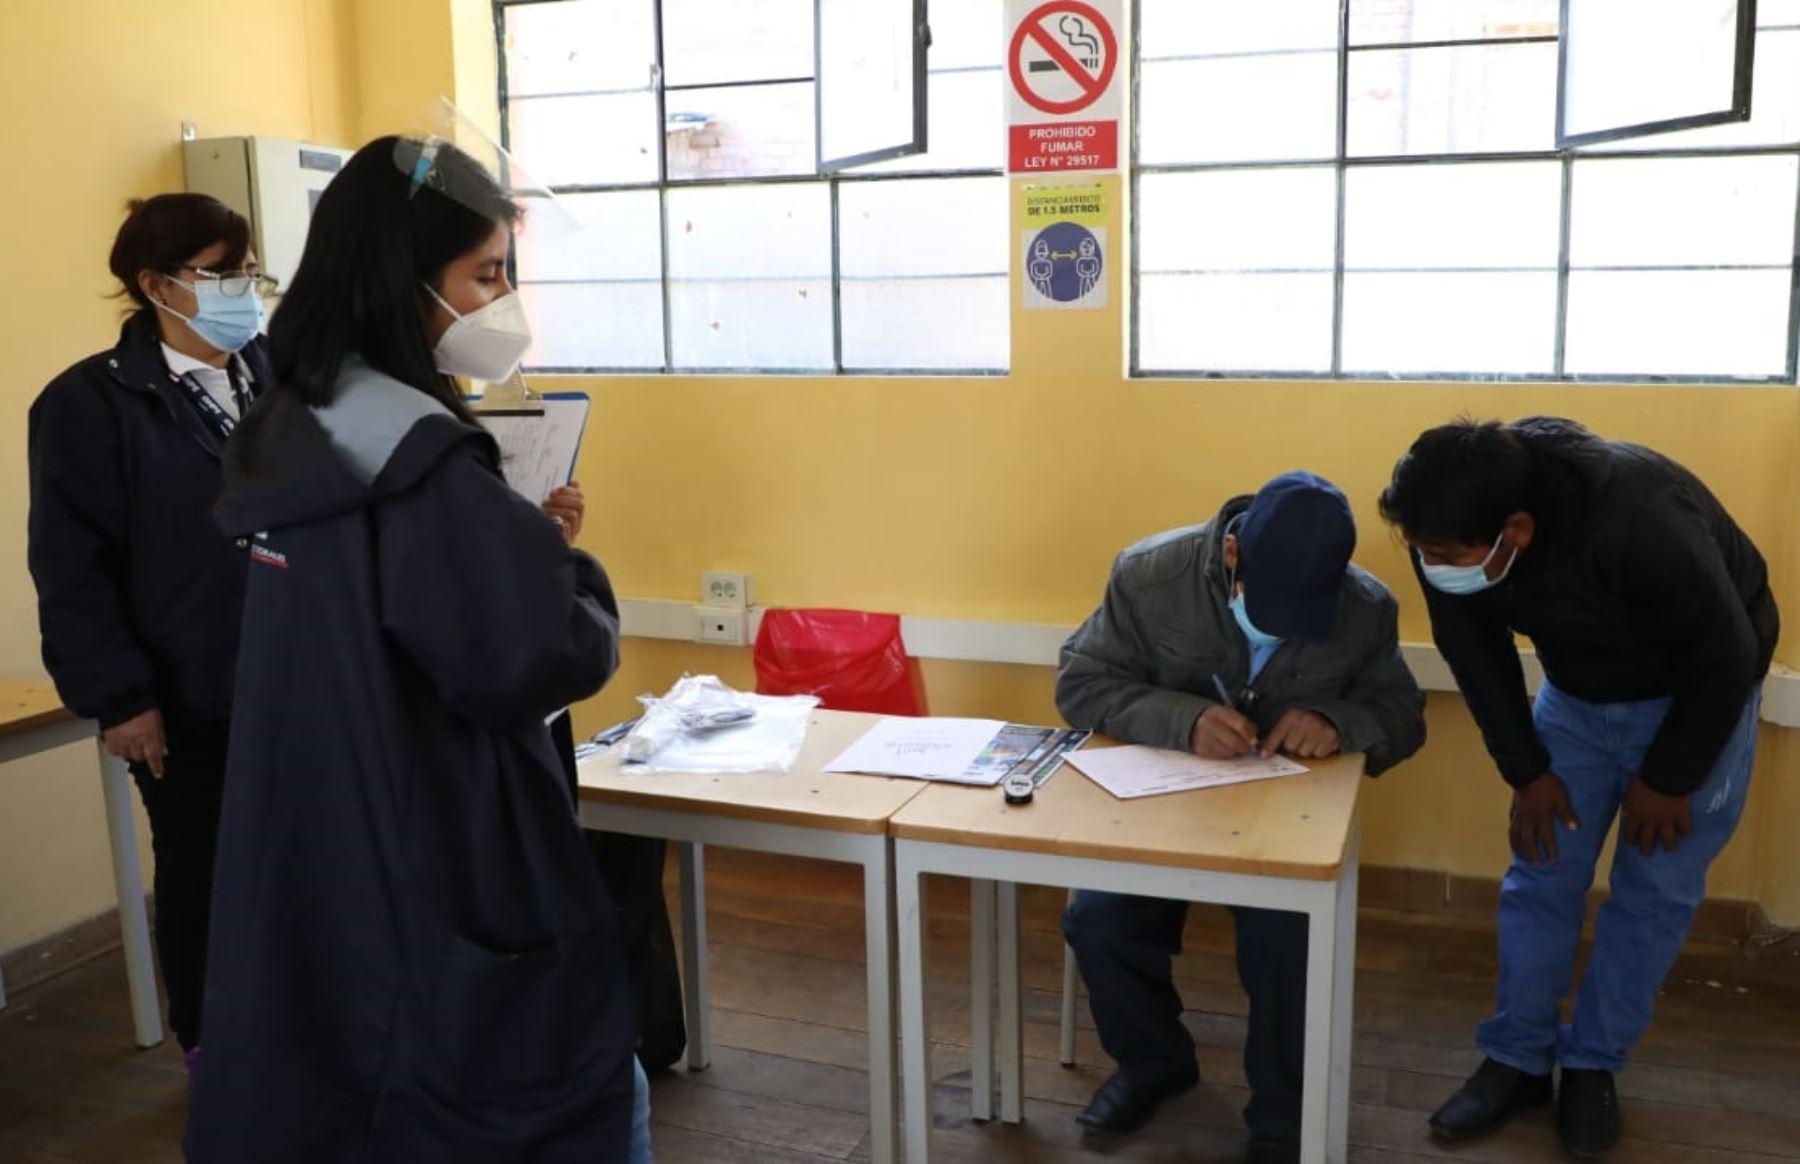 Revocatoria: primera mesa de sufragio se instaló en Tauripampa, en la provincia de Yauyos